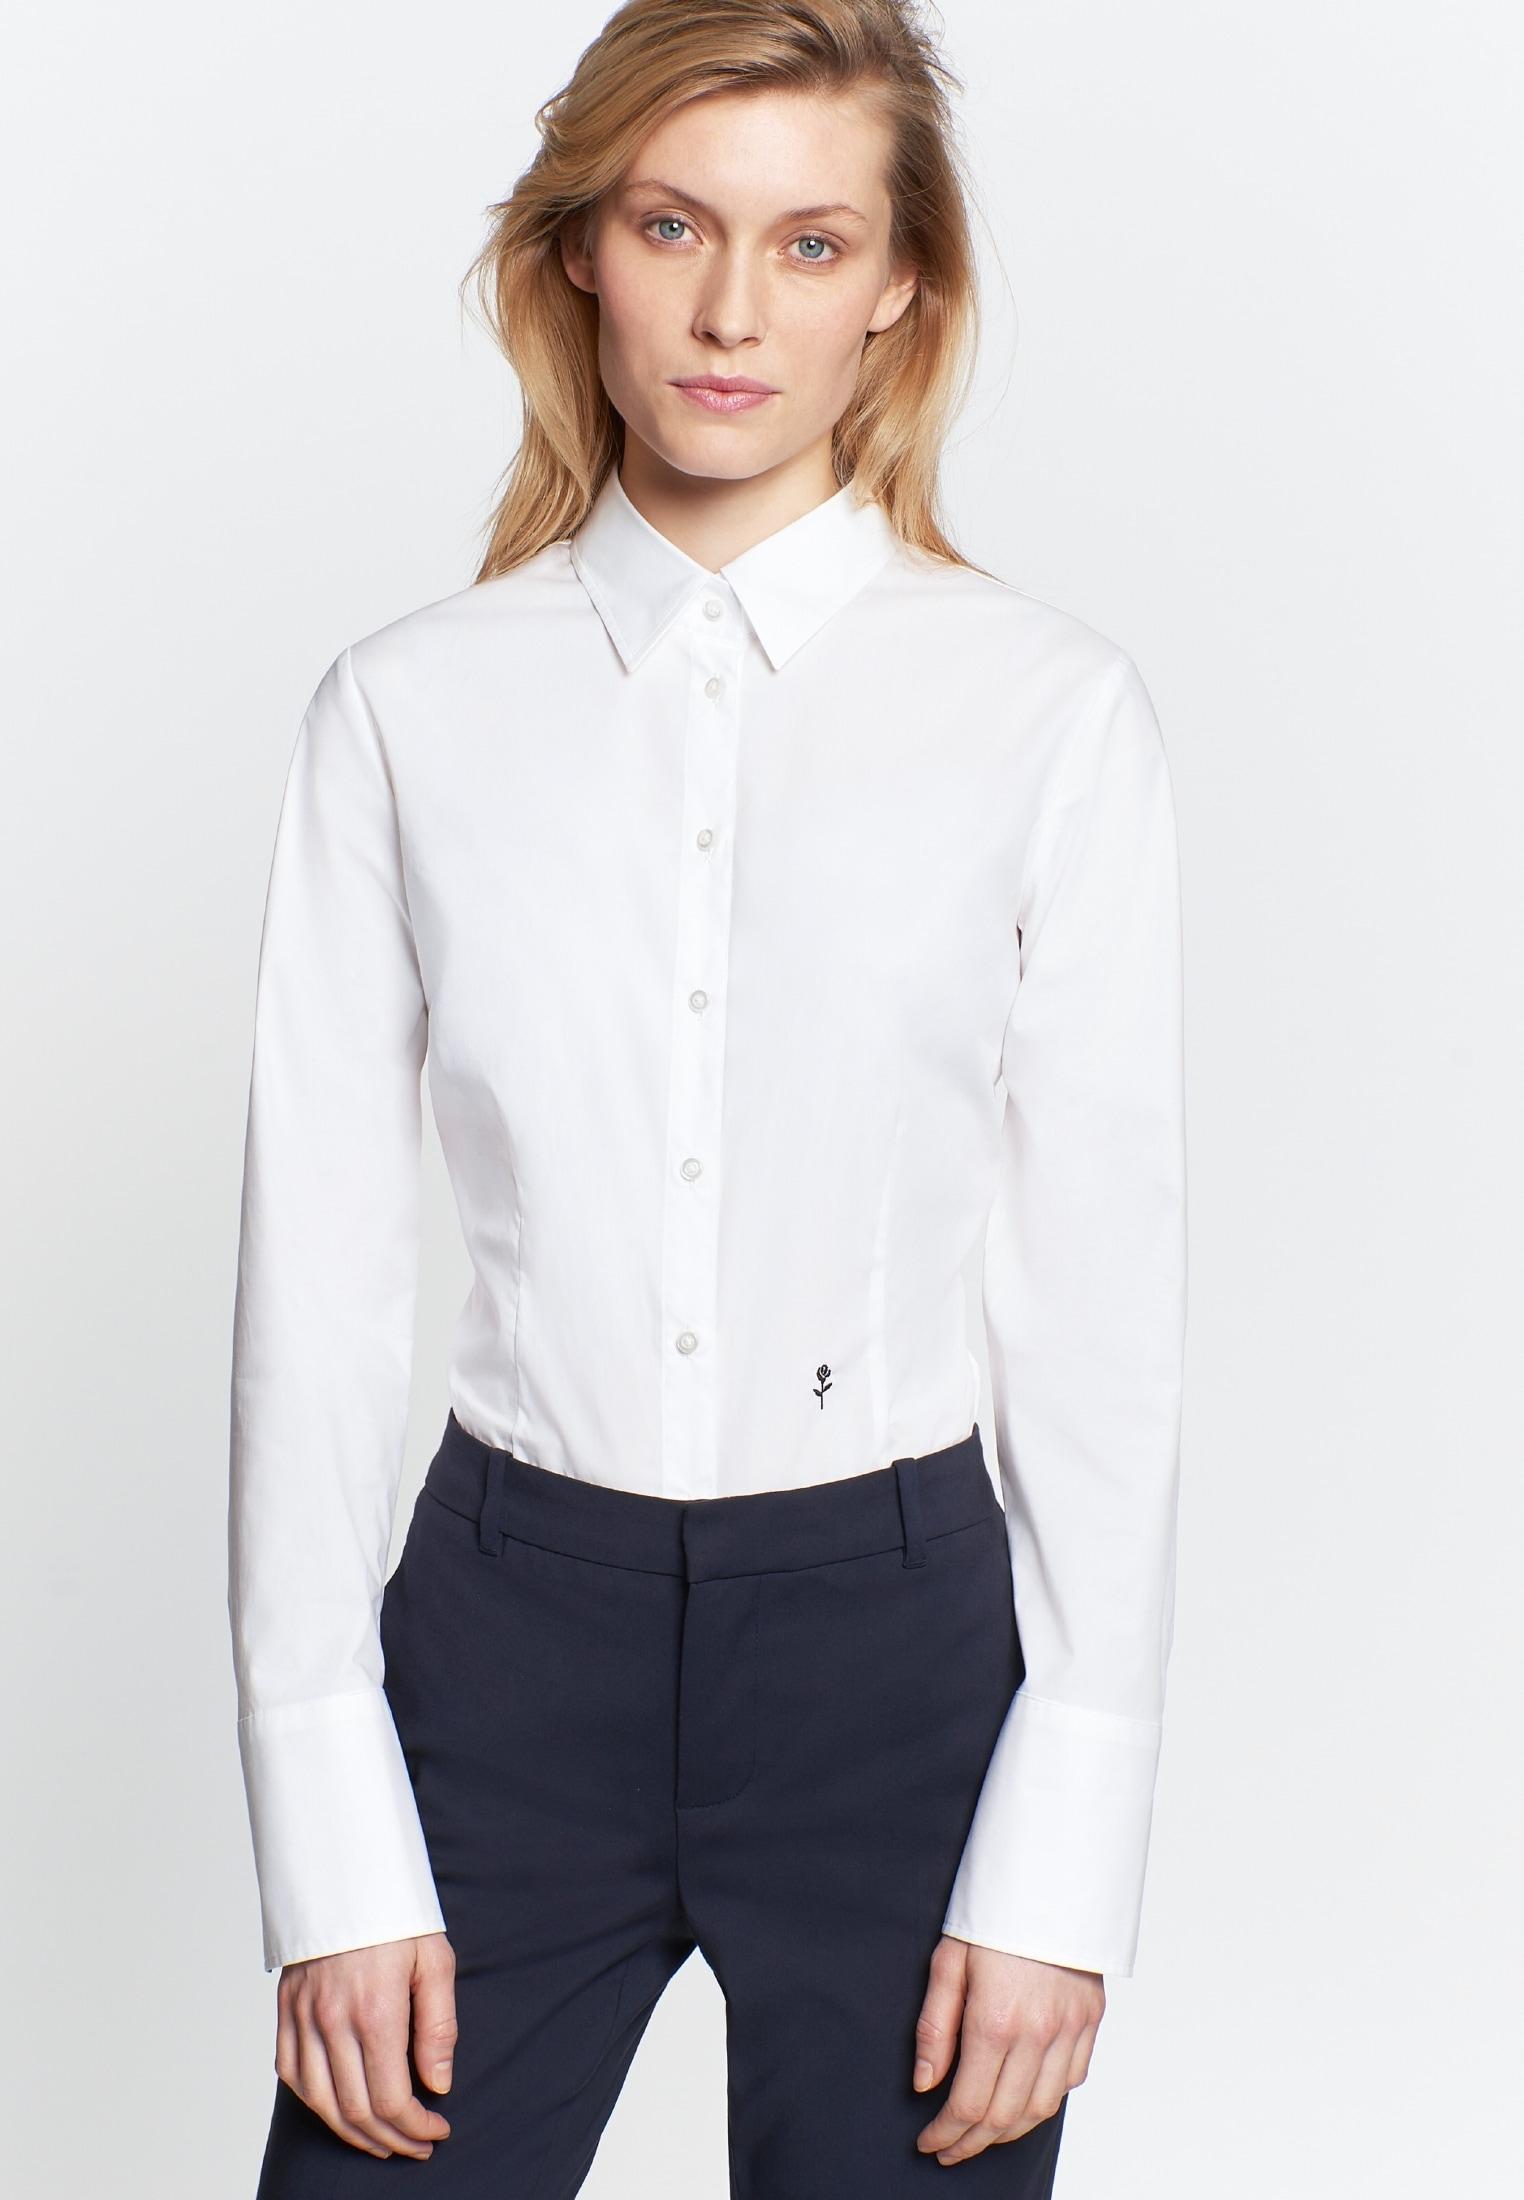 seidensticker Klassische Bluse Schwarze Rose | Bekleidung > Blusen > Klassische Blusen | Seidensticker